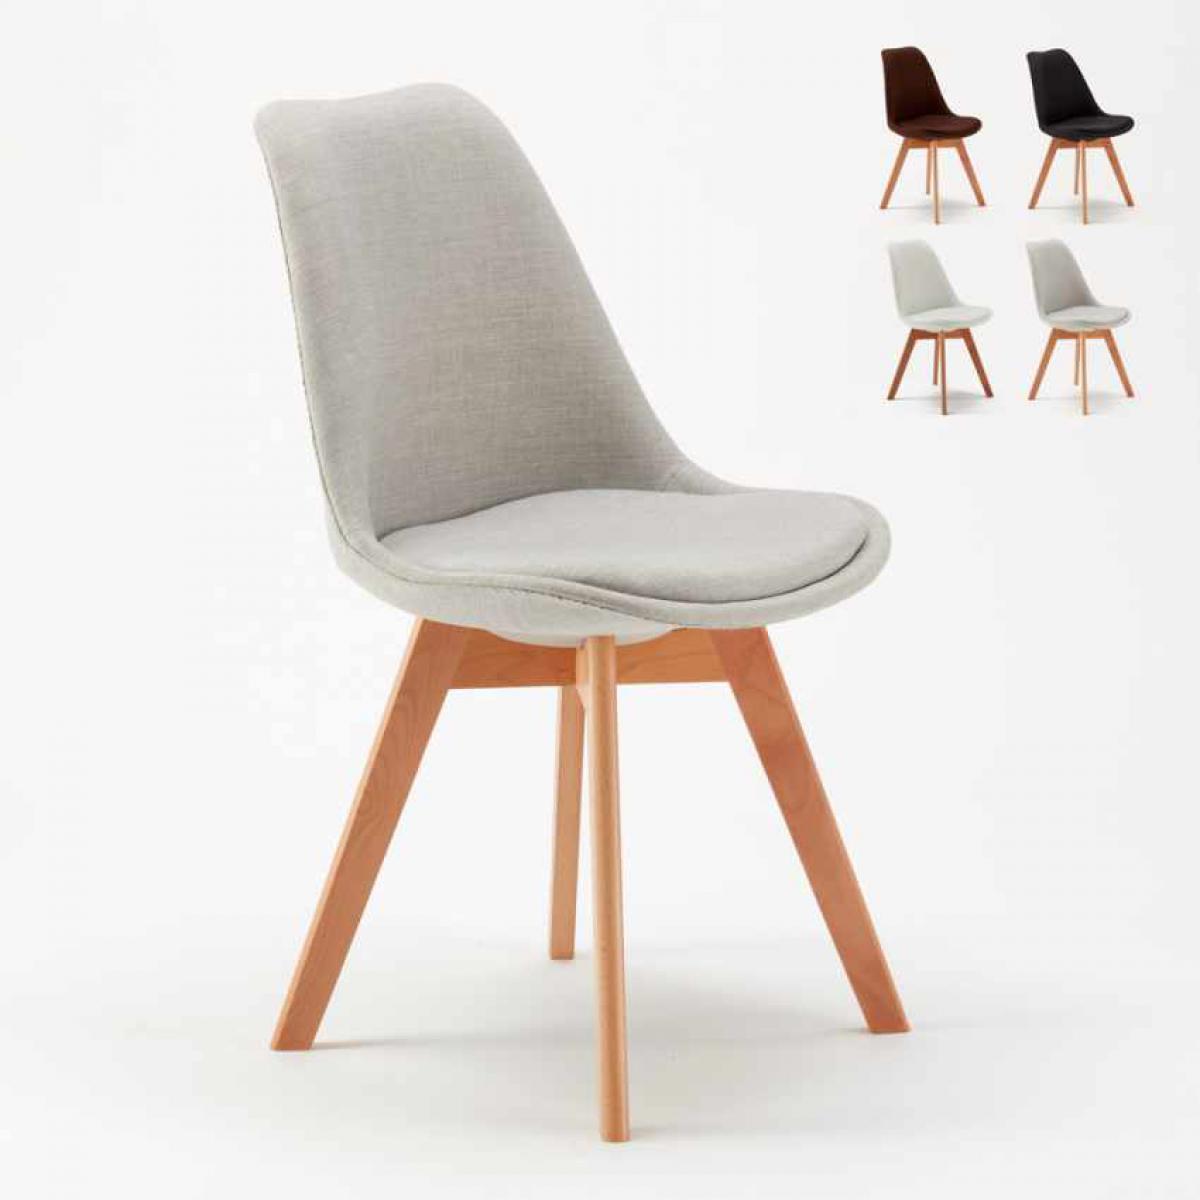 Ahd Amazing Home Design Lot De 20 Chaises Avec Coussin Tissu Design Scandinave Tulip Nordica Plus Pour Restaurants Et Bars, Couleur: Gris